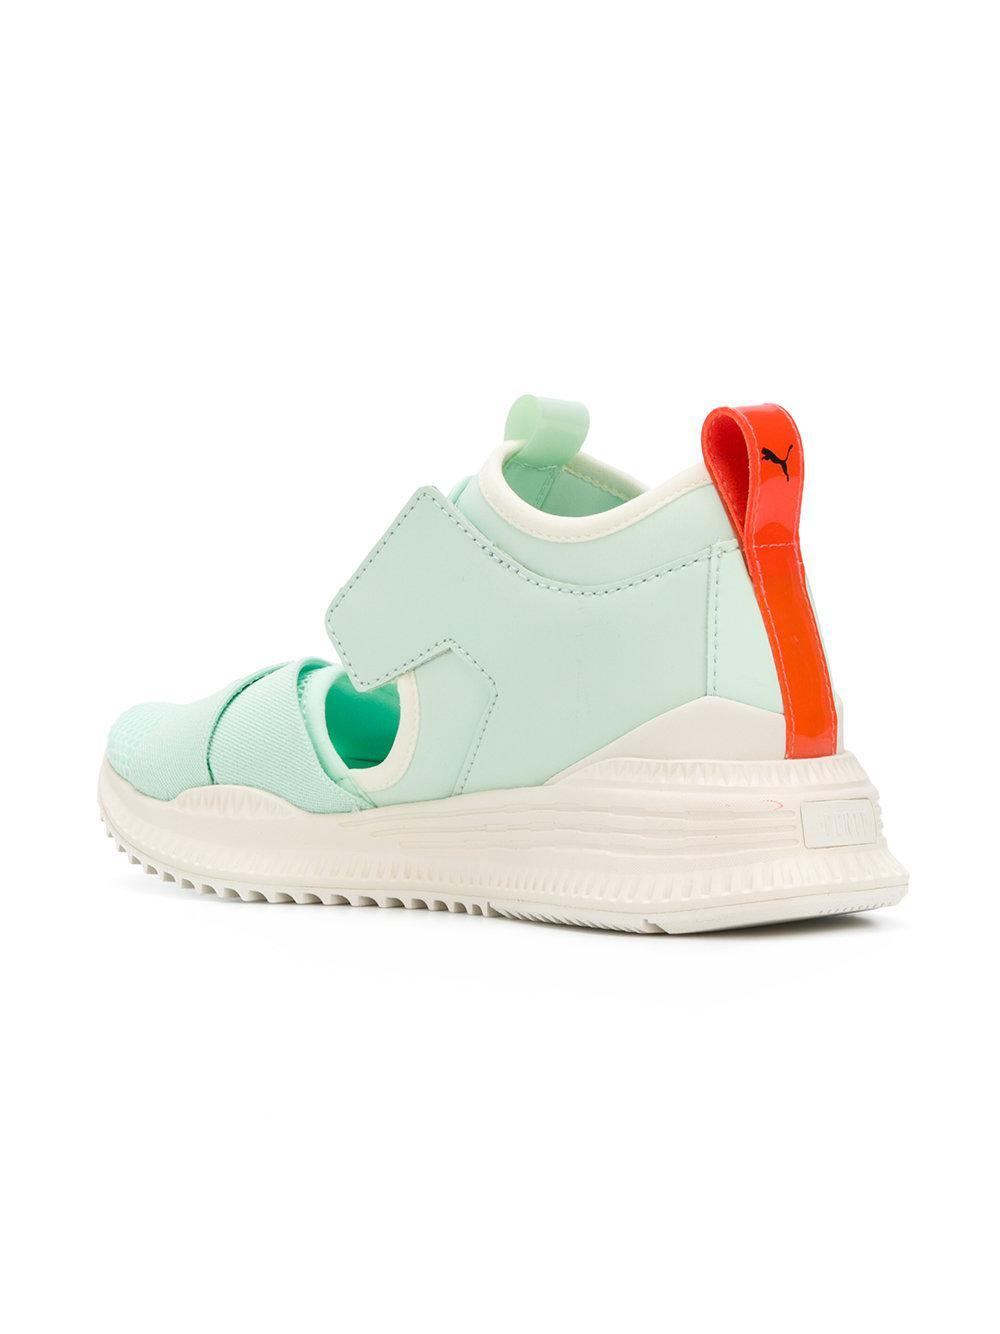 Lyst - PUMA Fenty Cutout Sneakers in Green 00a4a3b71